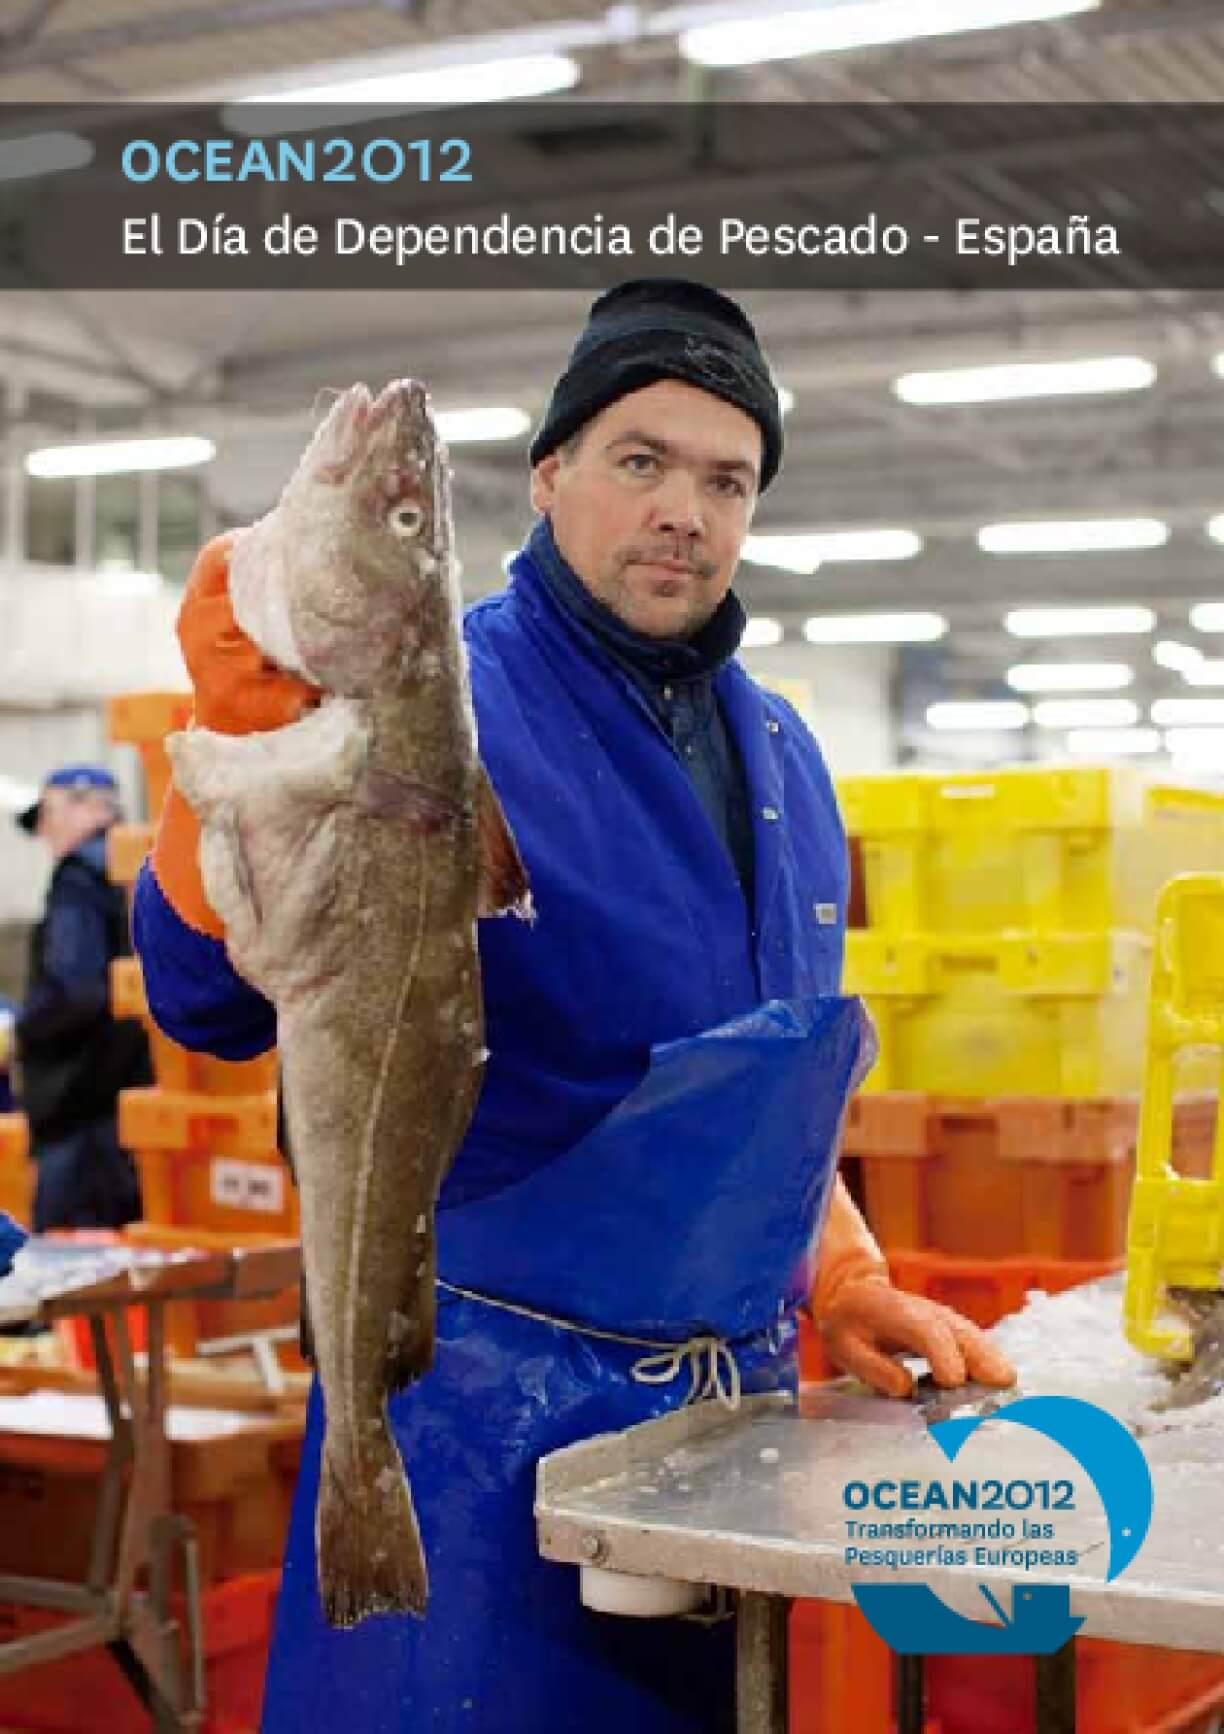 El Día de Dependencia de Pescado - España